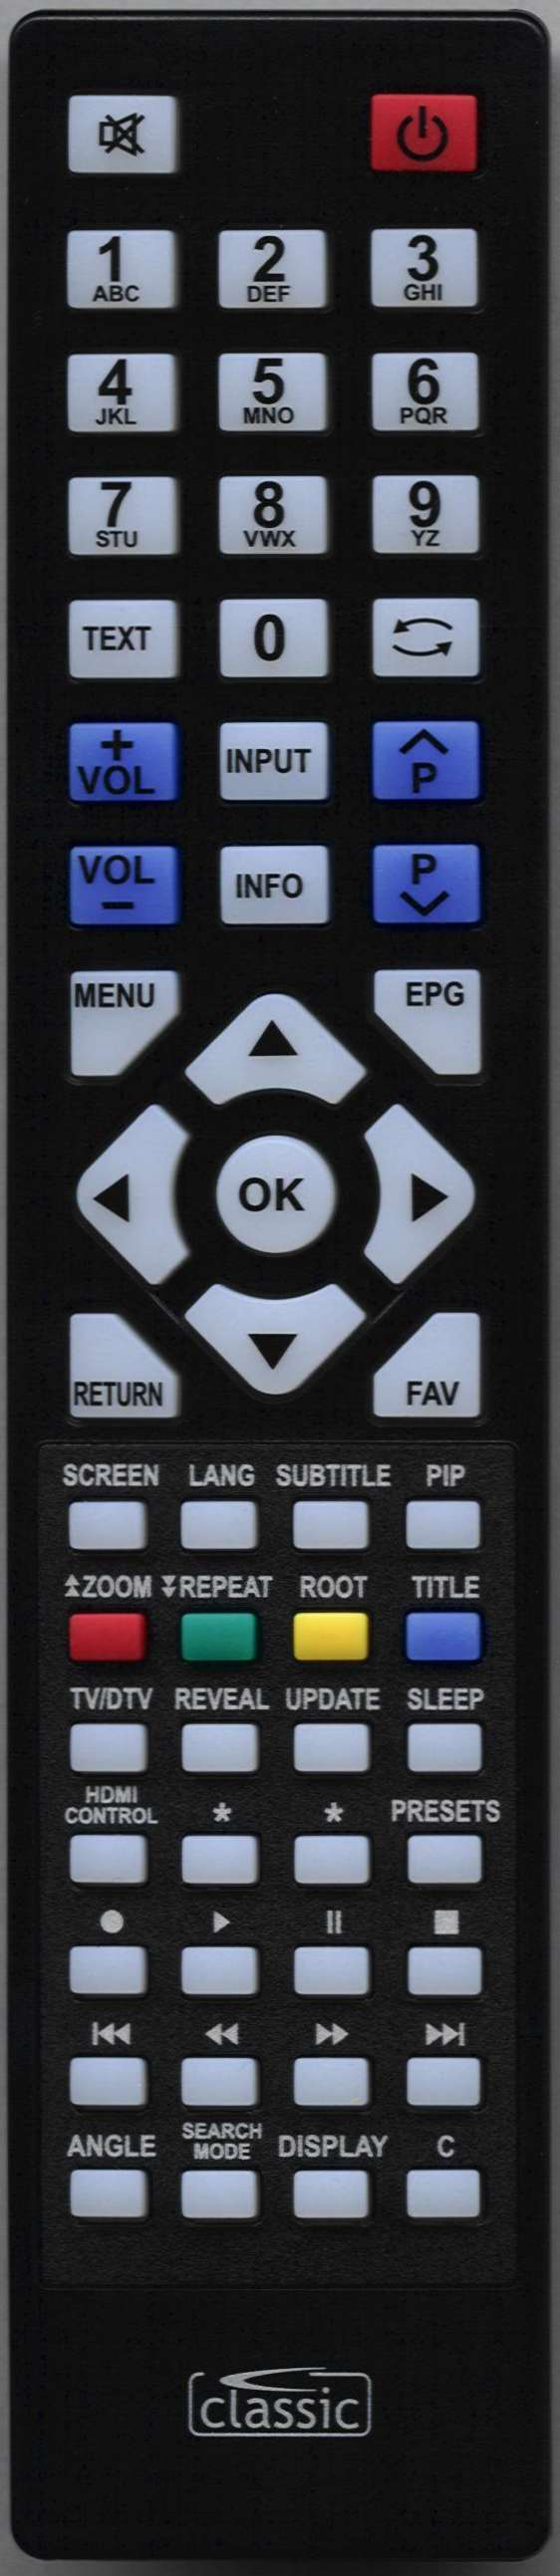 LUXOR LUX-32-914-IDTV Remote Control Alternative